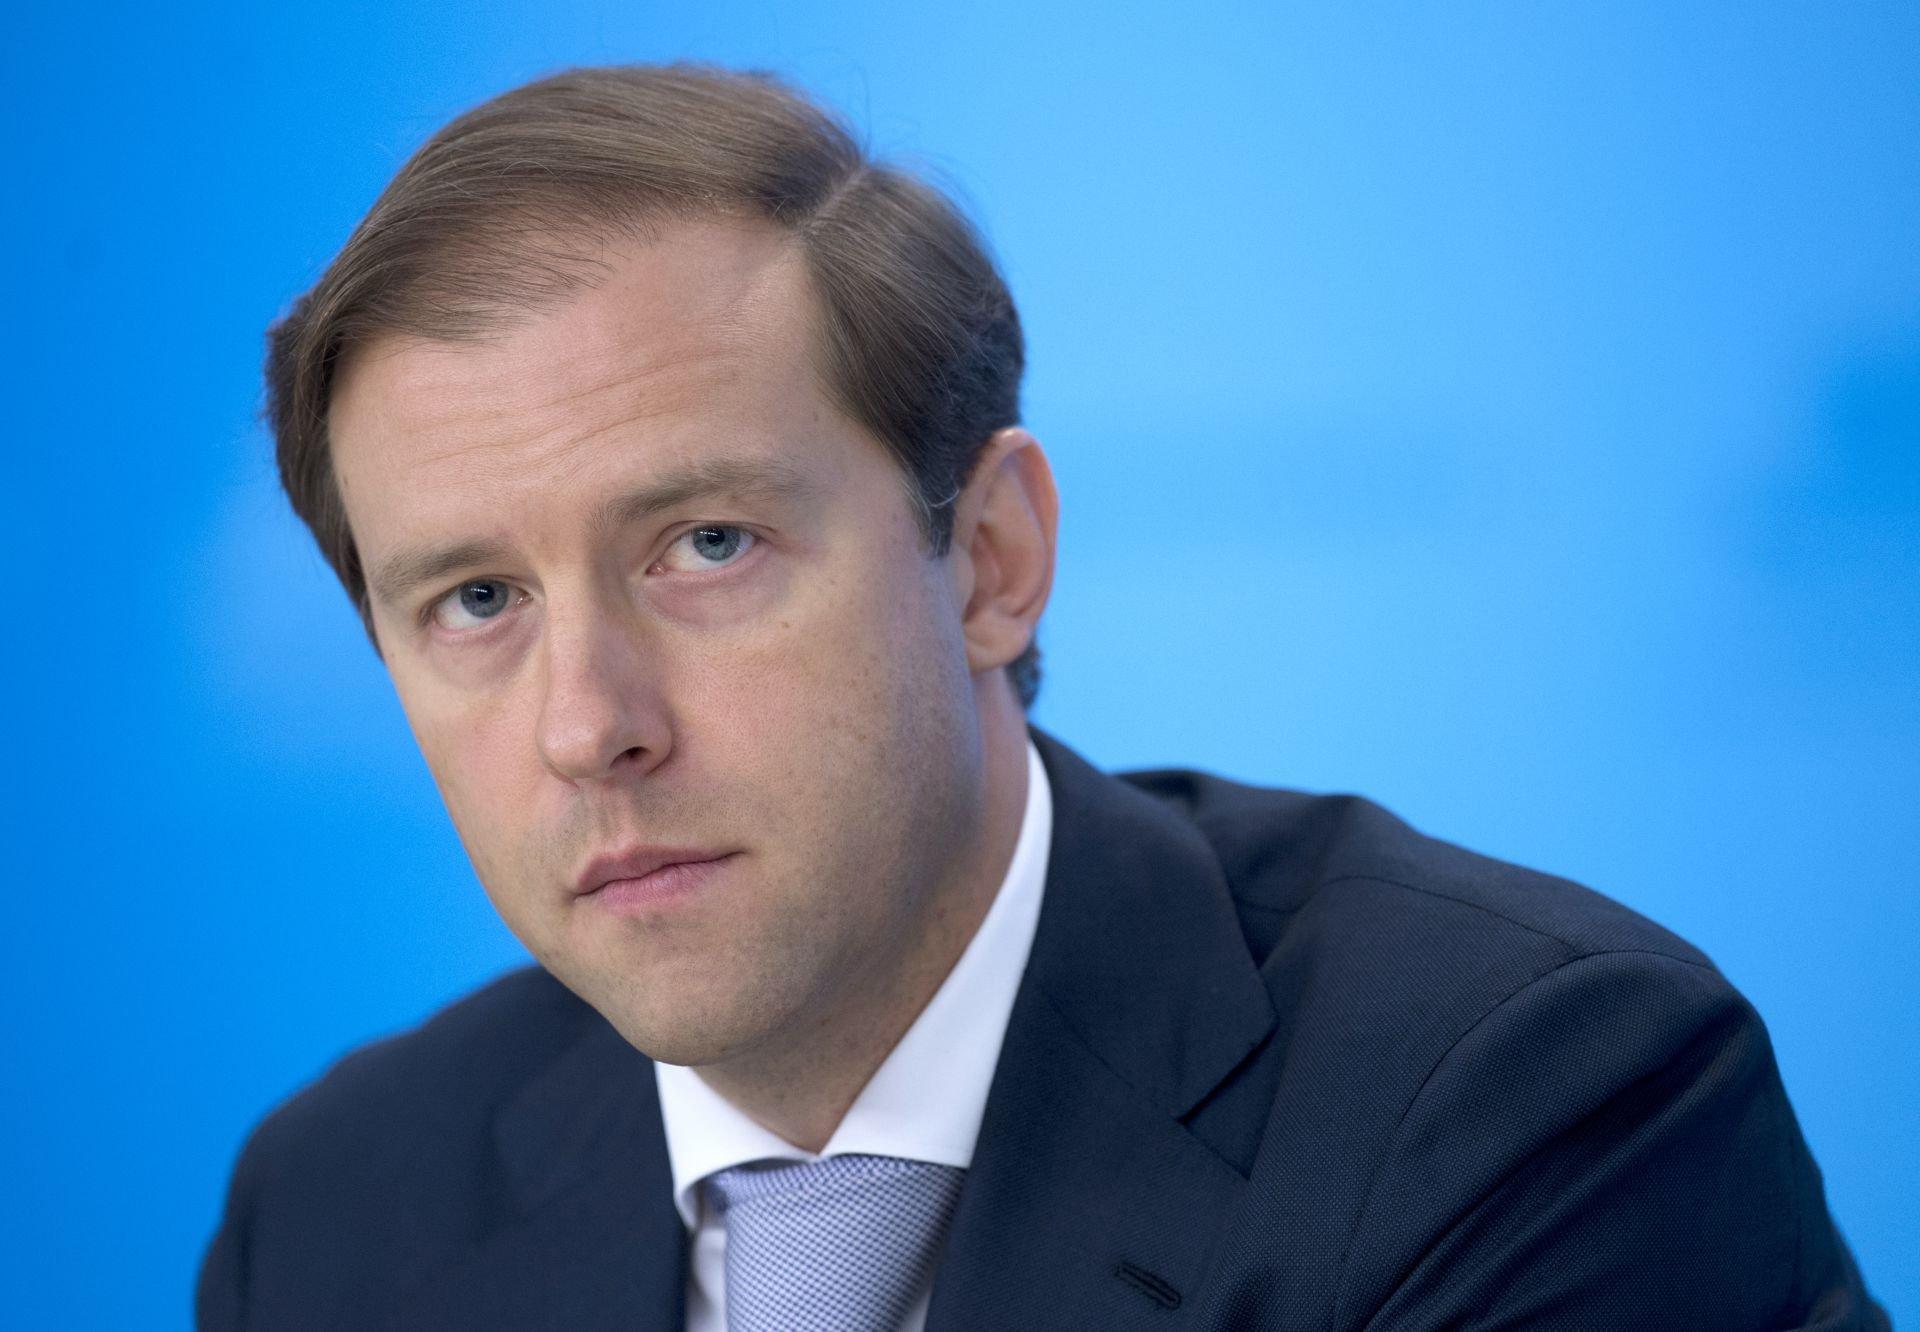 Директорский состав «Газпрома» был дополнен новым членом влице Мантурова